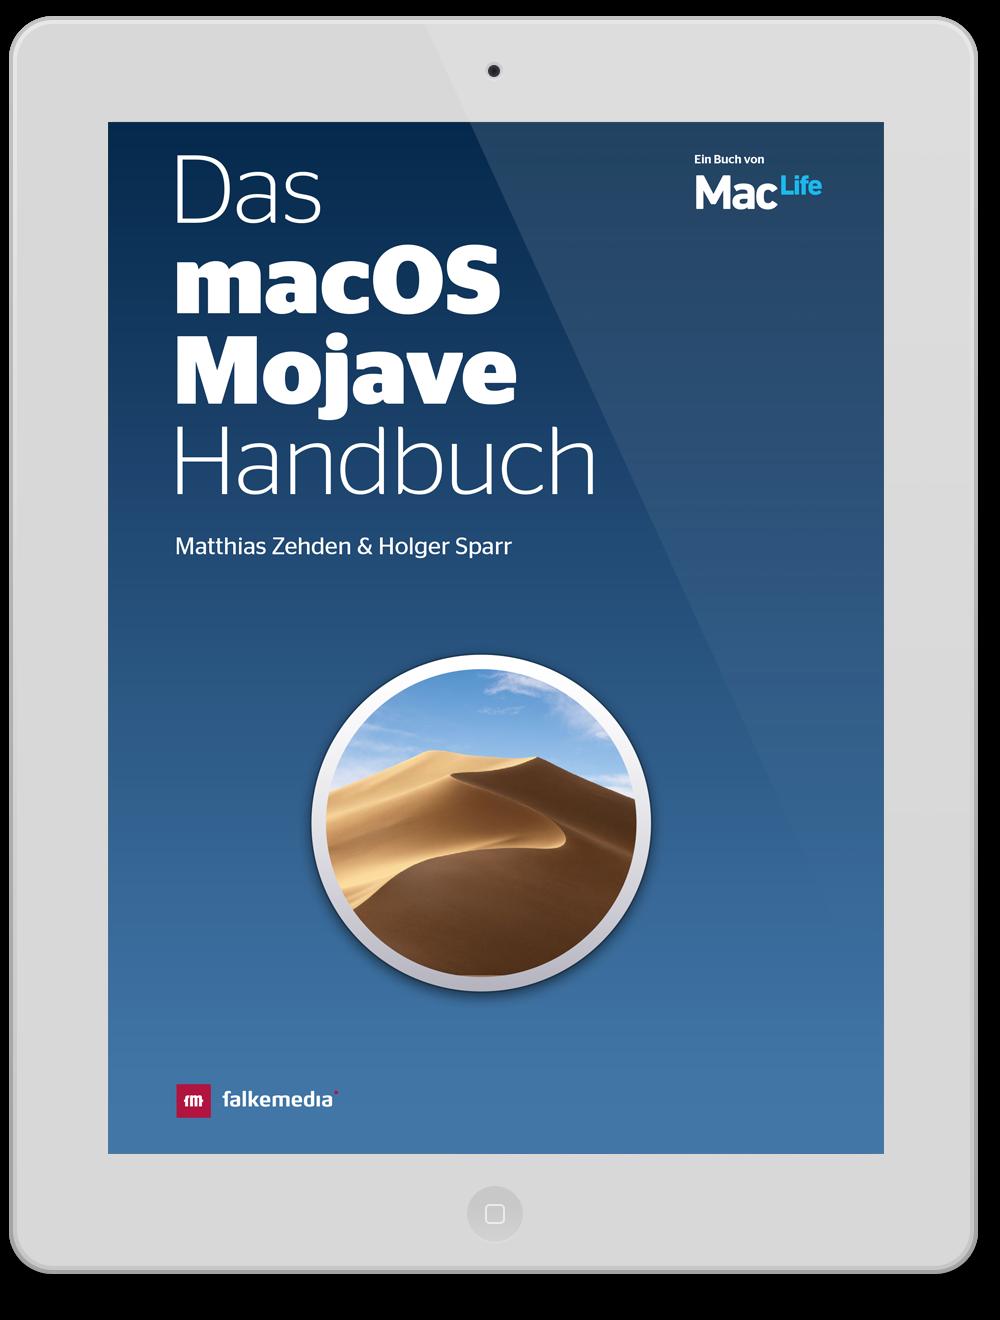 Maclife - MacOS Handbuch 2018